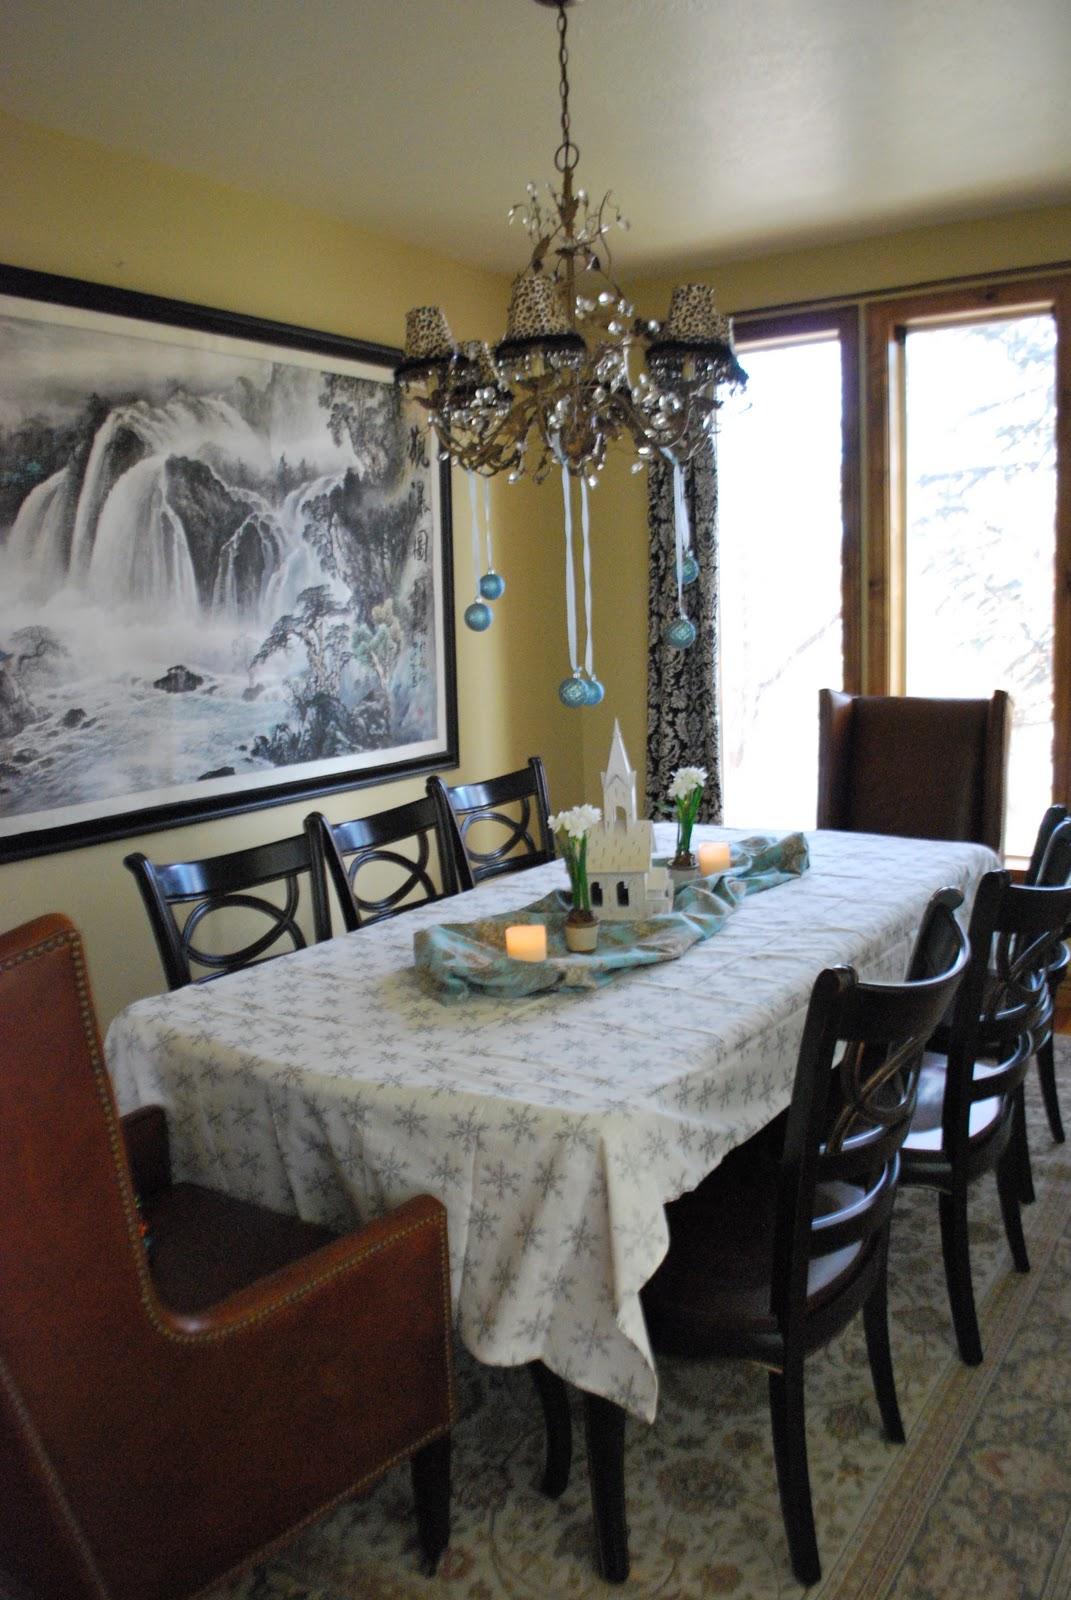 Isabelle thornton le chateau des fleurs christmas shabby chic dining room - Shabby chic dining rooms ...